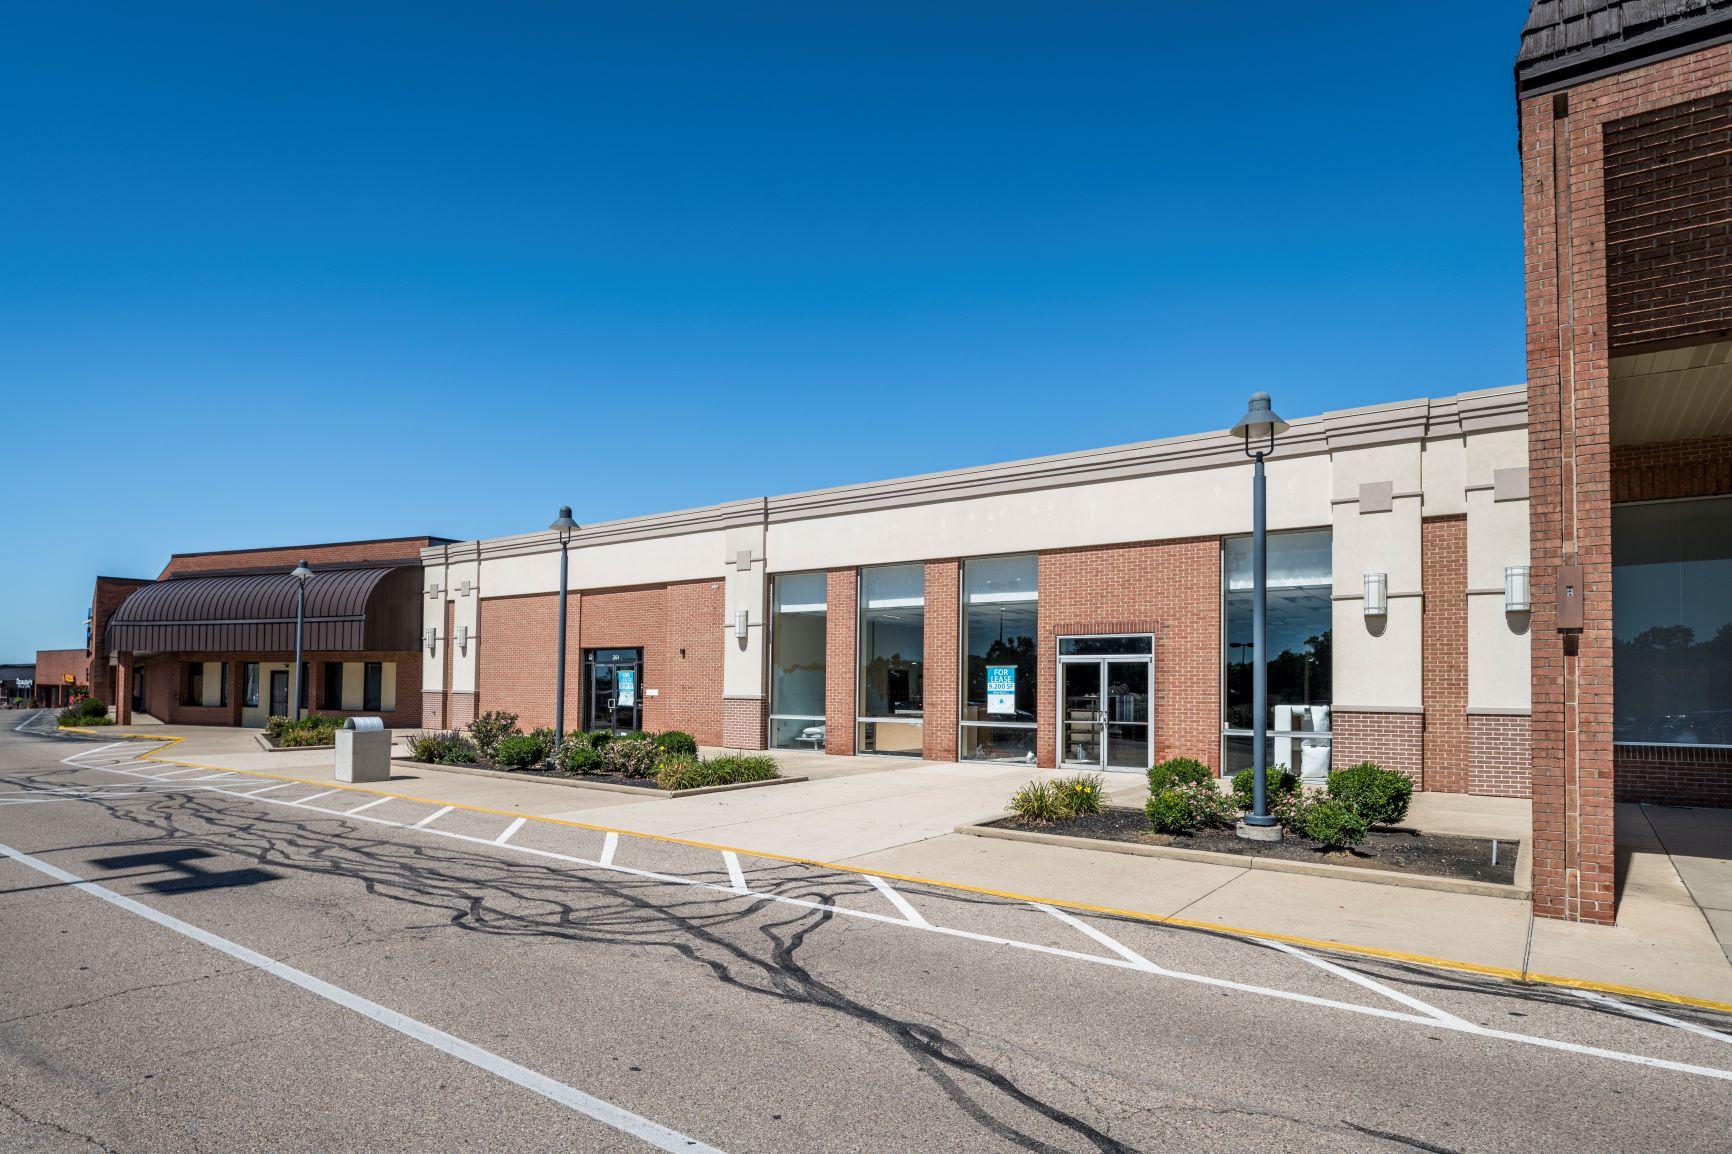 Cross Pointe Shopping Center - vacancies